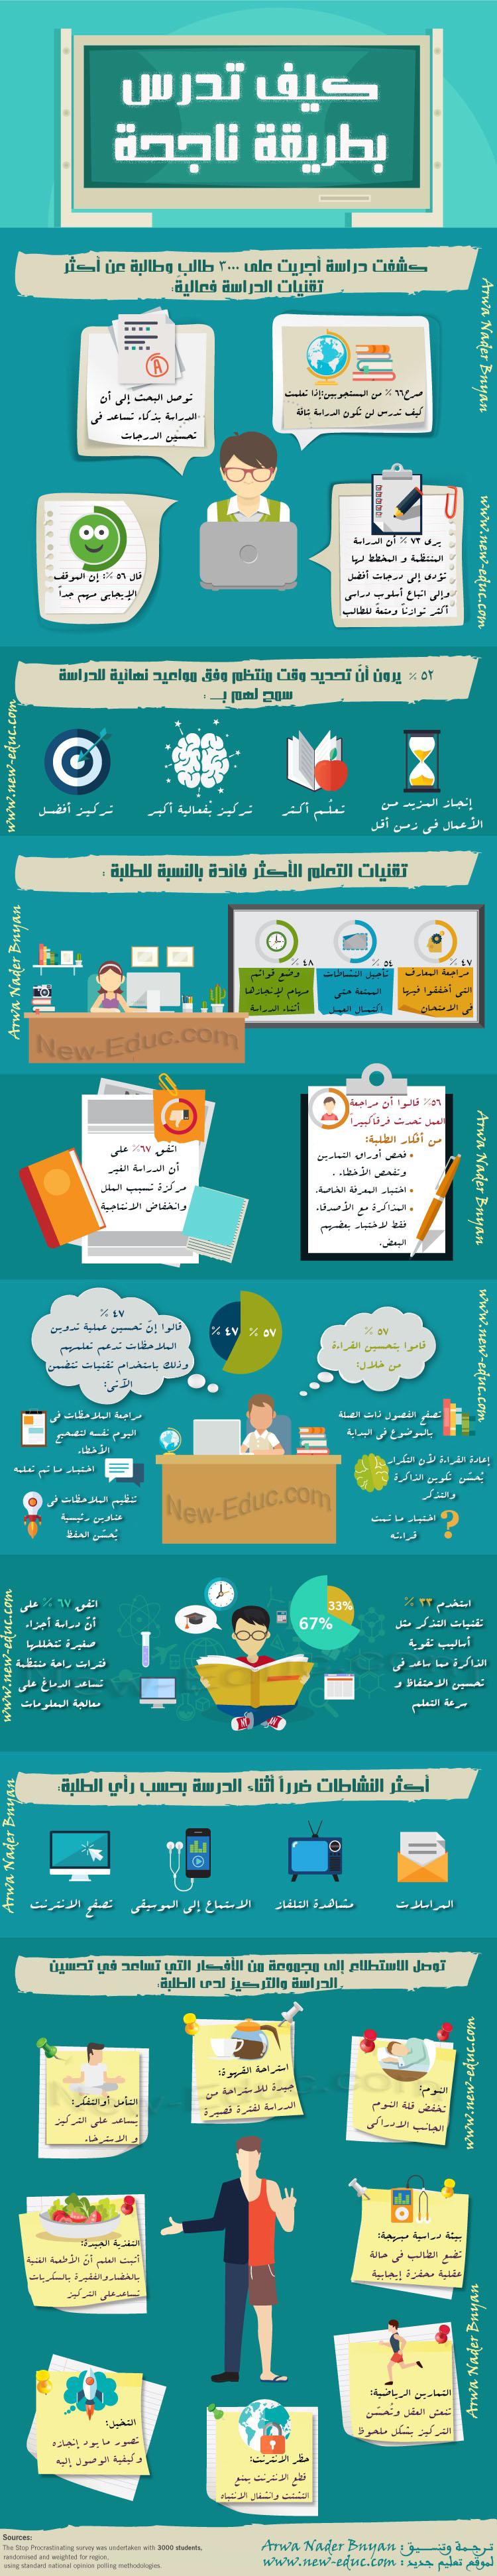 كيف تدرس بطريقة ناجحة